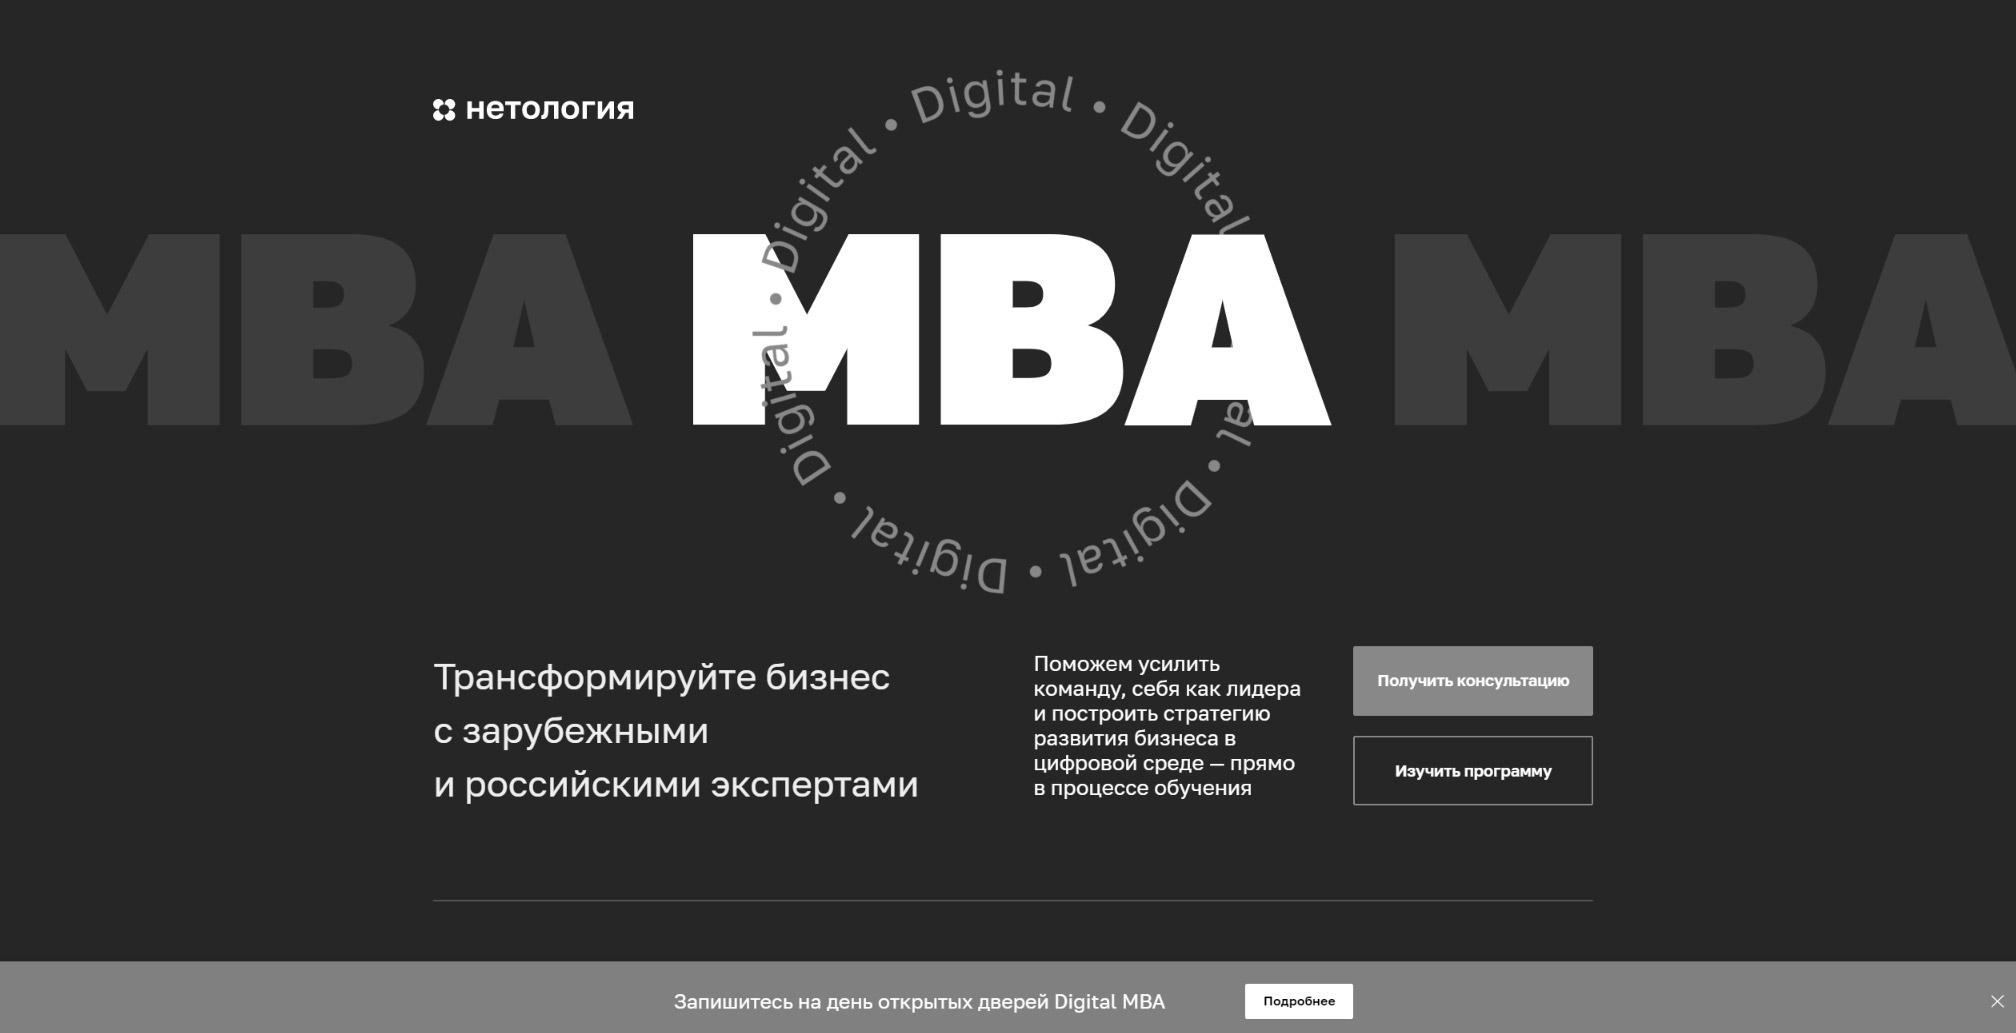 Курсы и обучения MBA от Нетологии